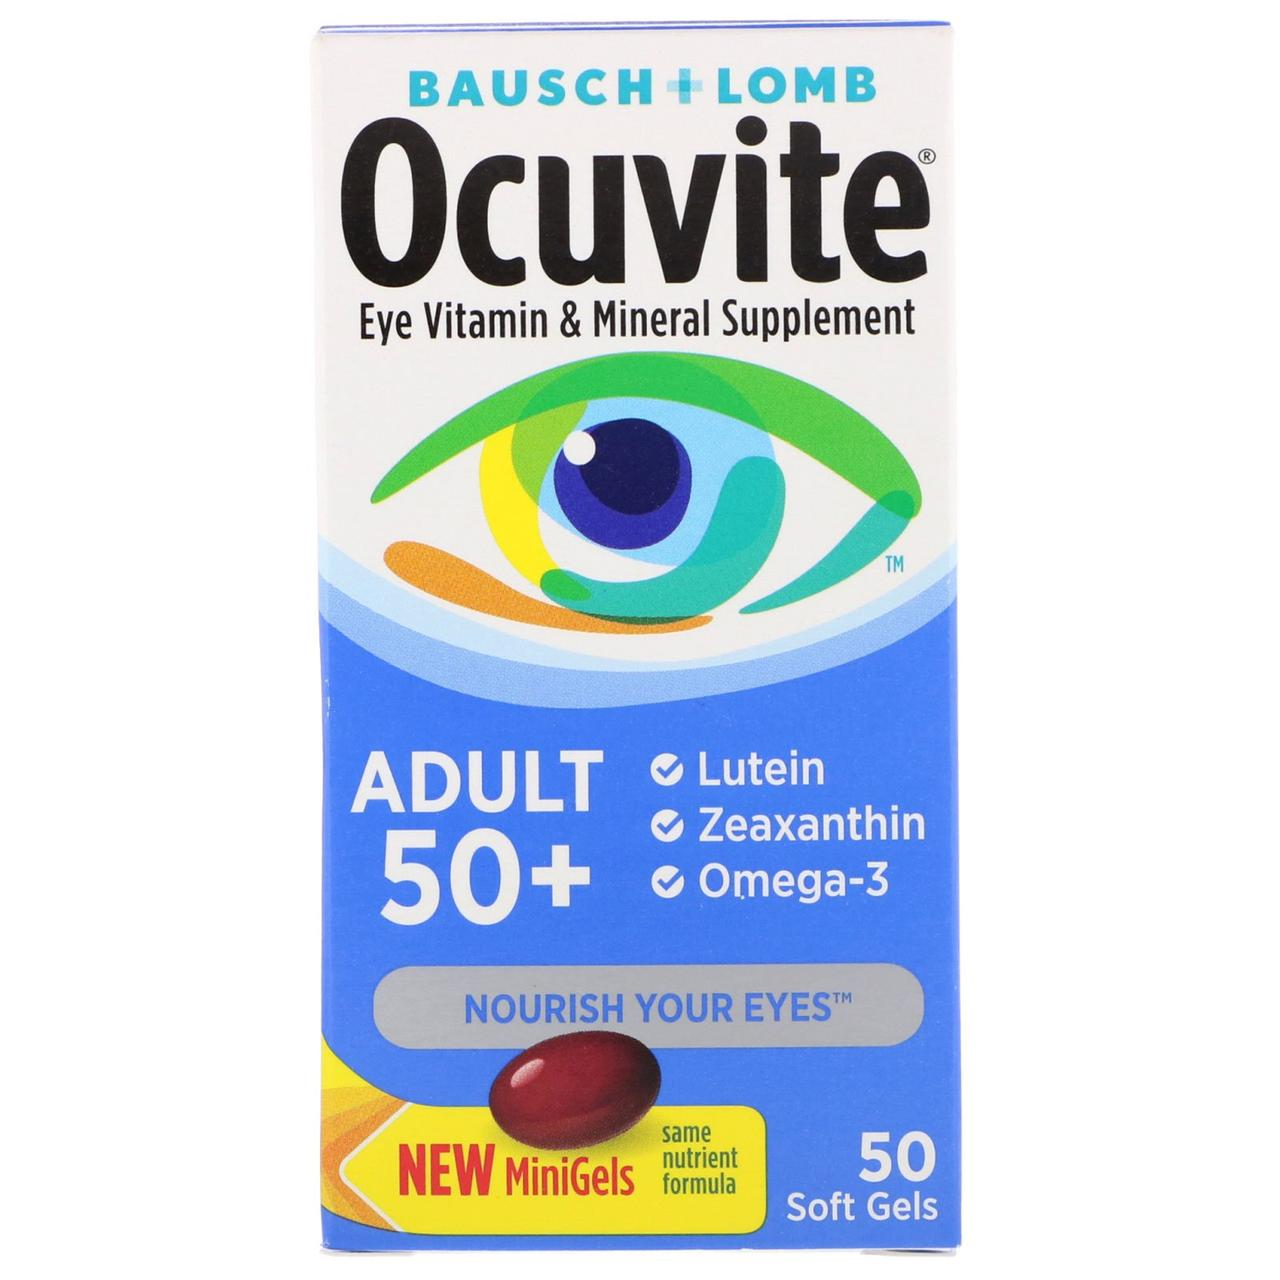 Витаминная и минеральная добавка для глаз 50+, Bausch & Lomb, Ocuvite, 50 таблеток, скидка